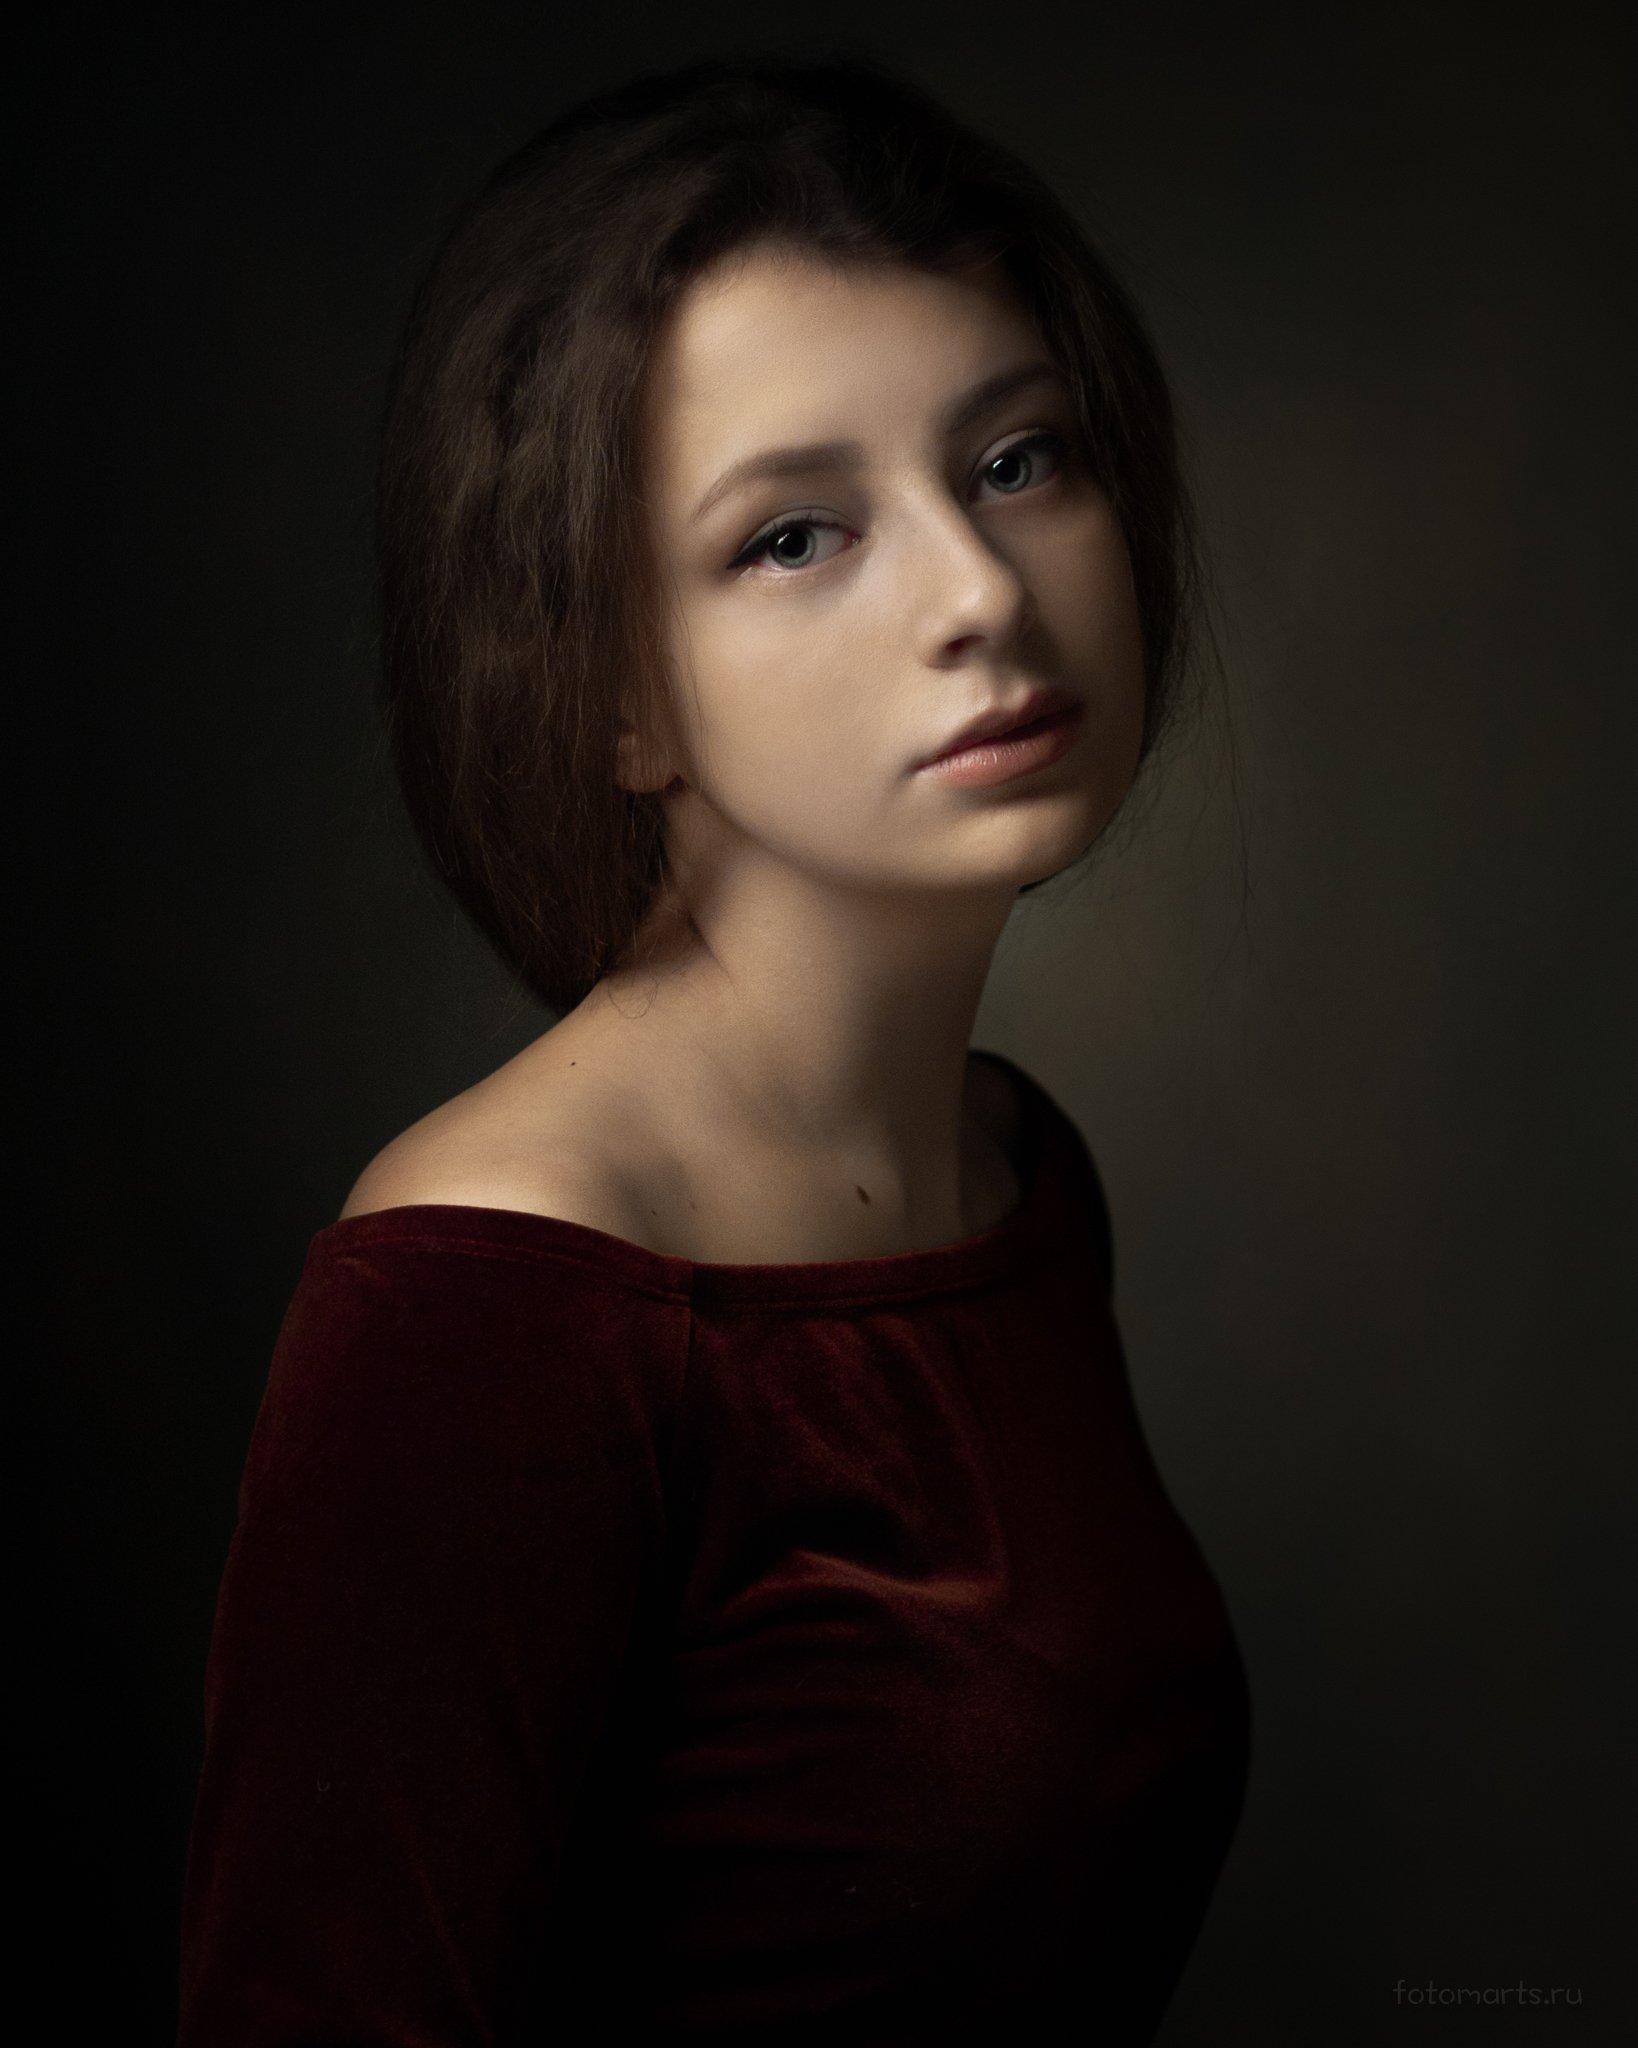 портрет, portrait, Сергей Мартынов